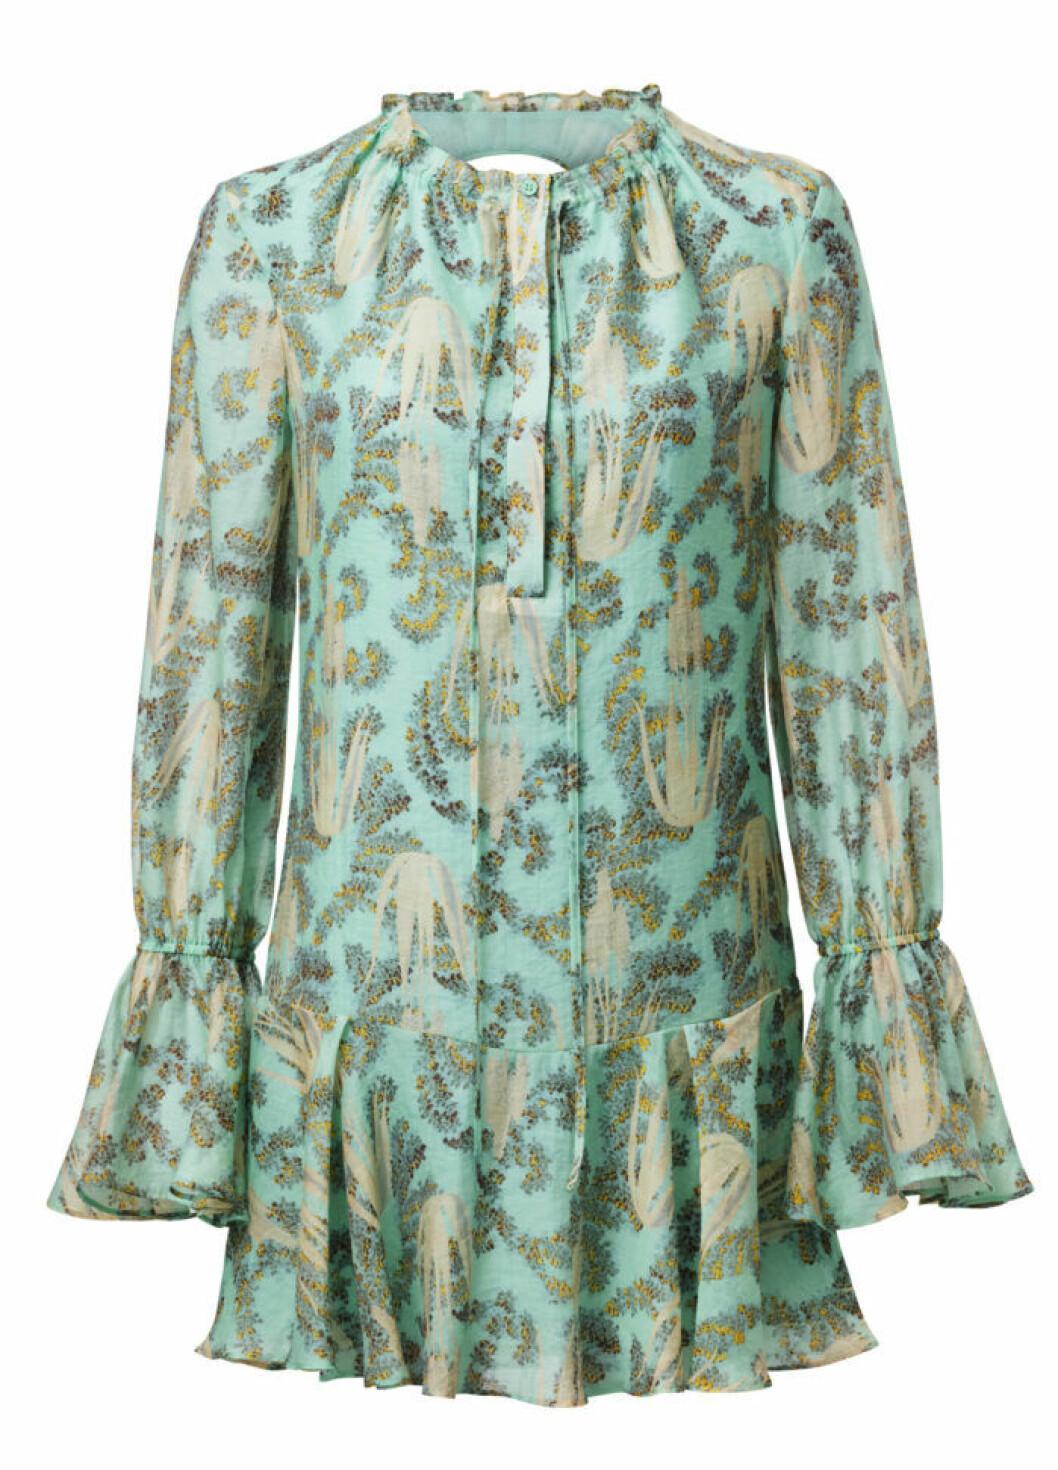 H&M Conscious Exclusive 2019 blågrön mönstrad klänning